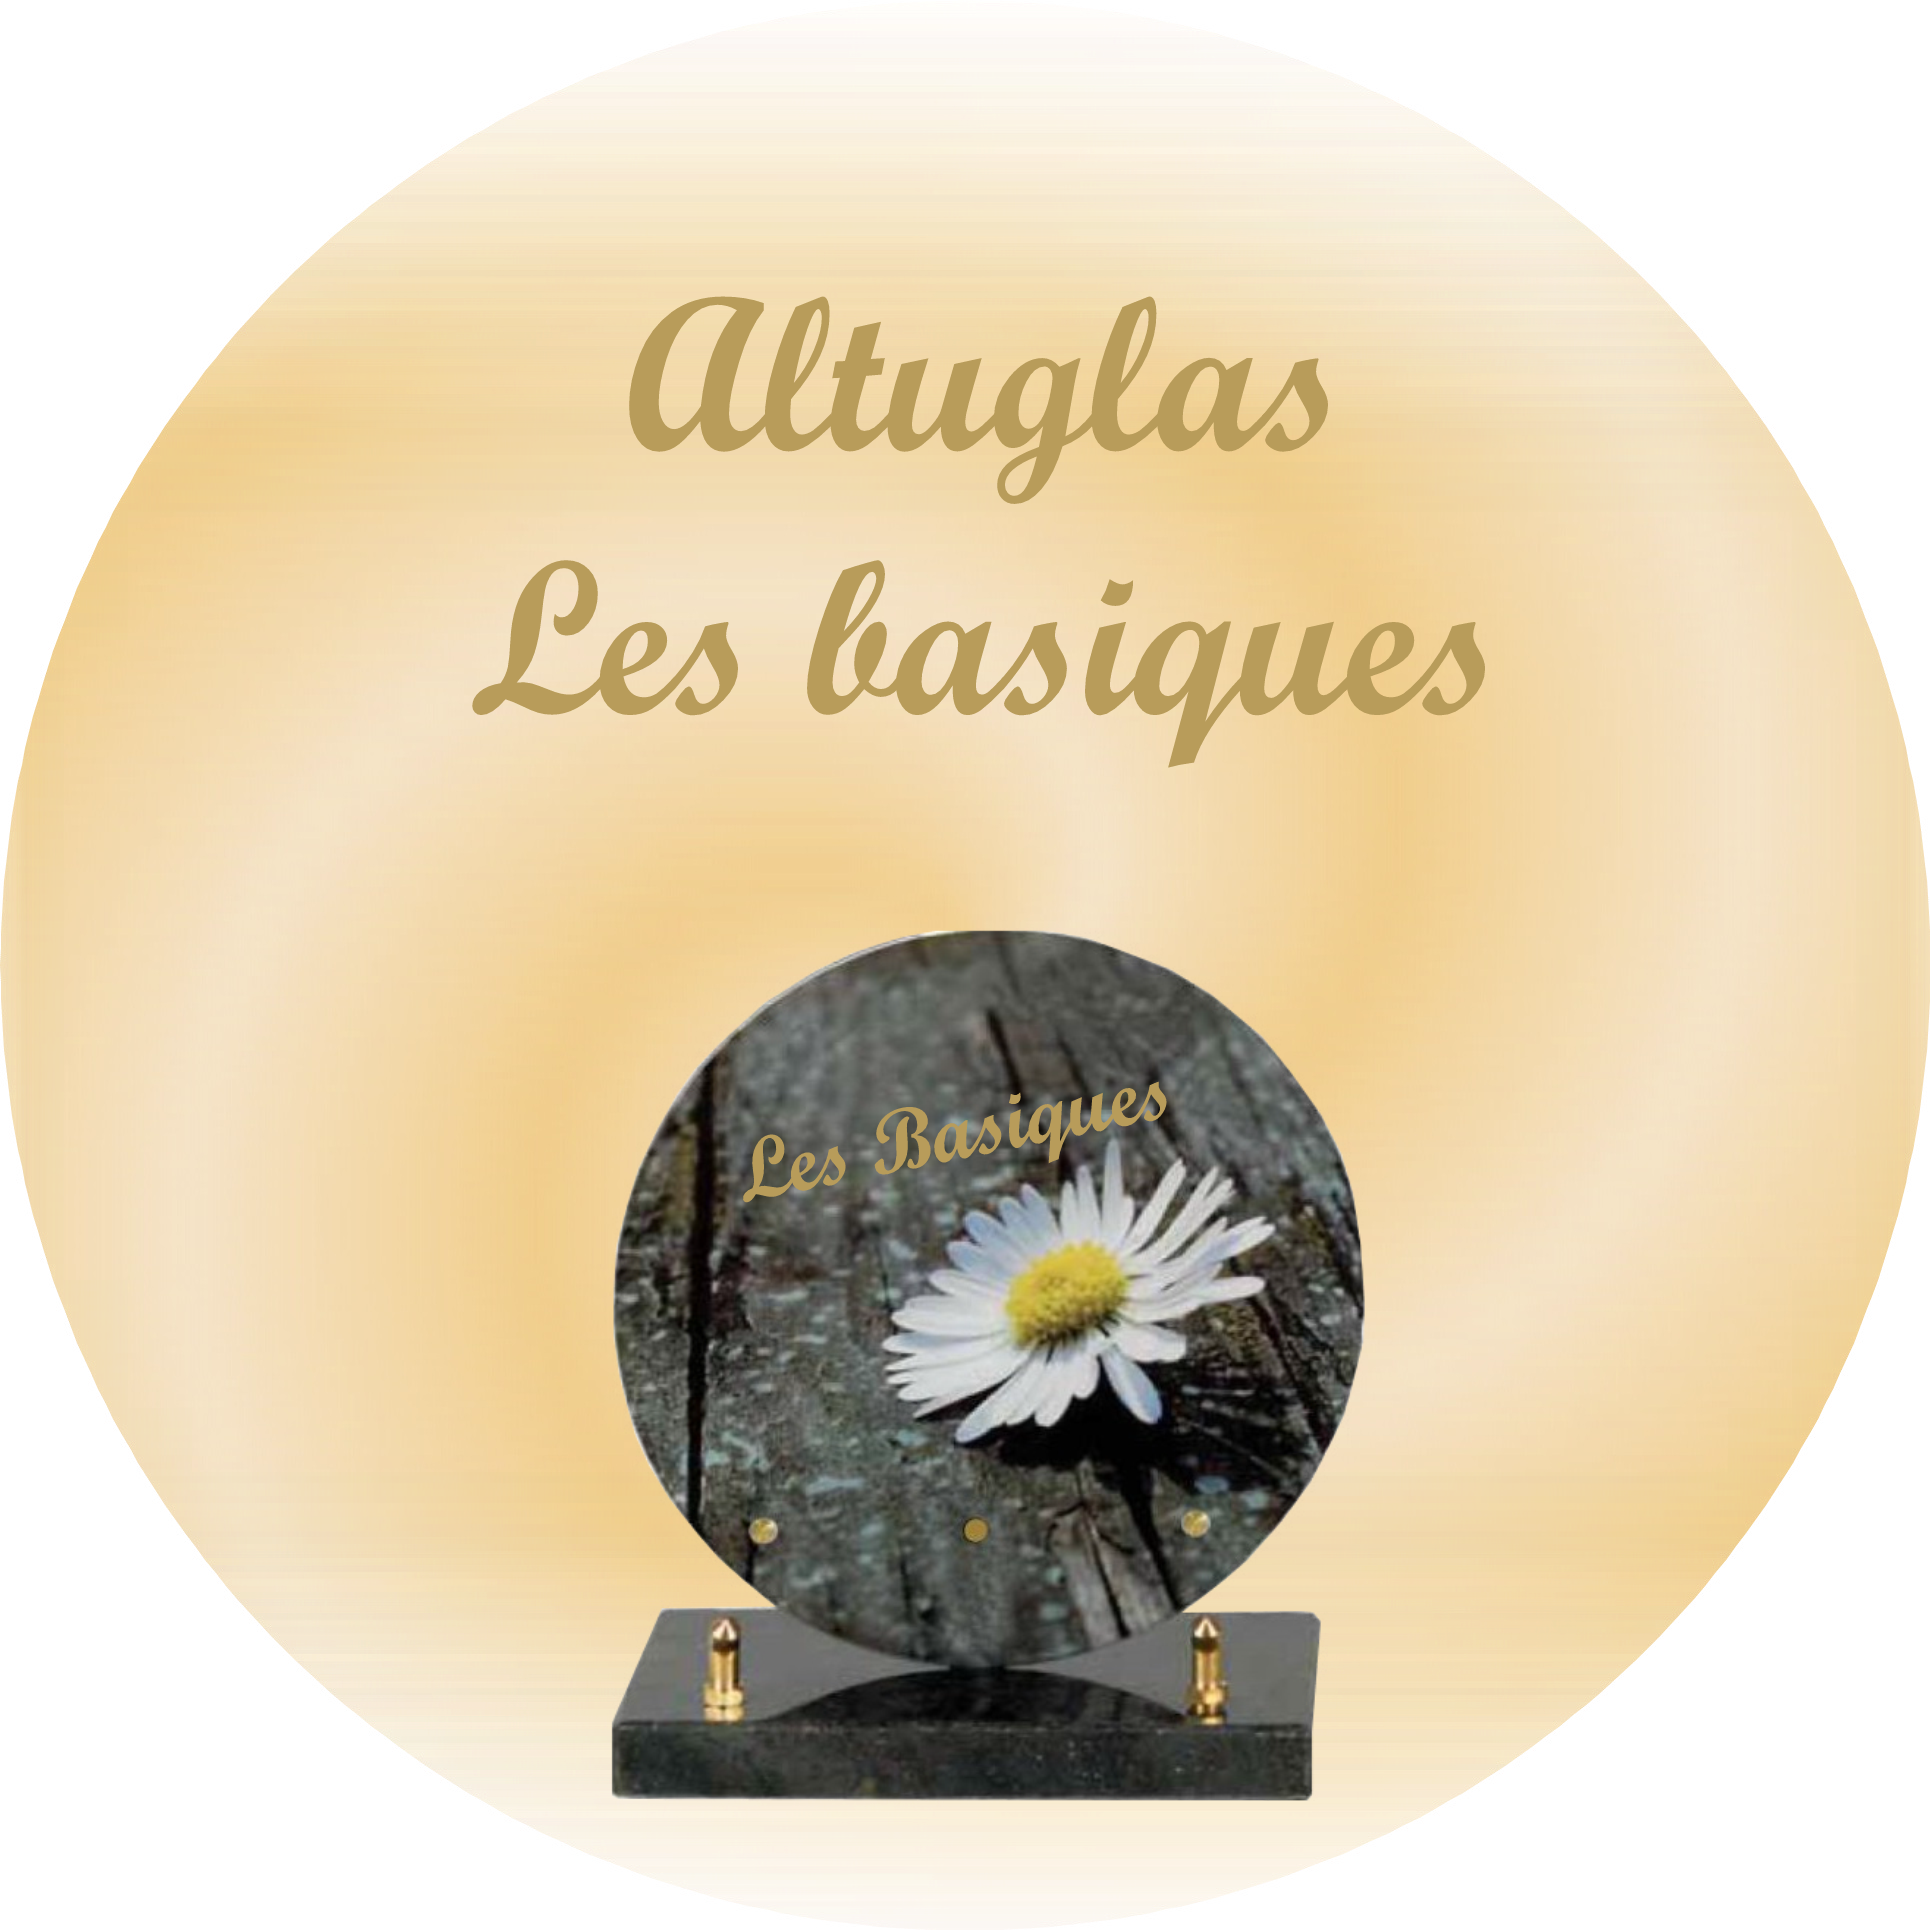 plaques funeraires altuglas basique BEAUFORT-BLAVINCOURT